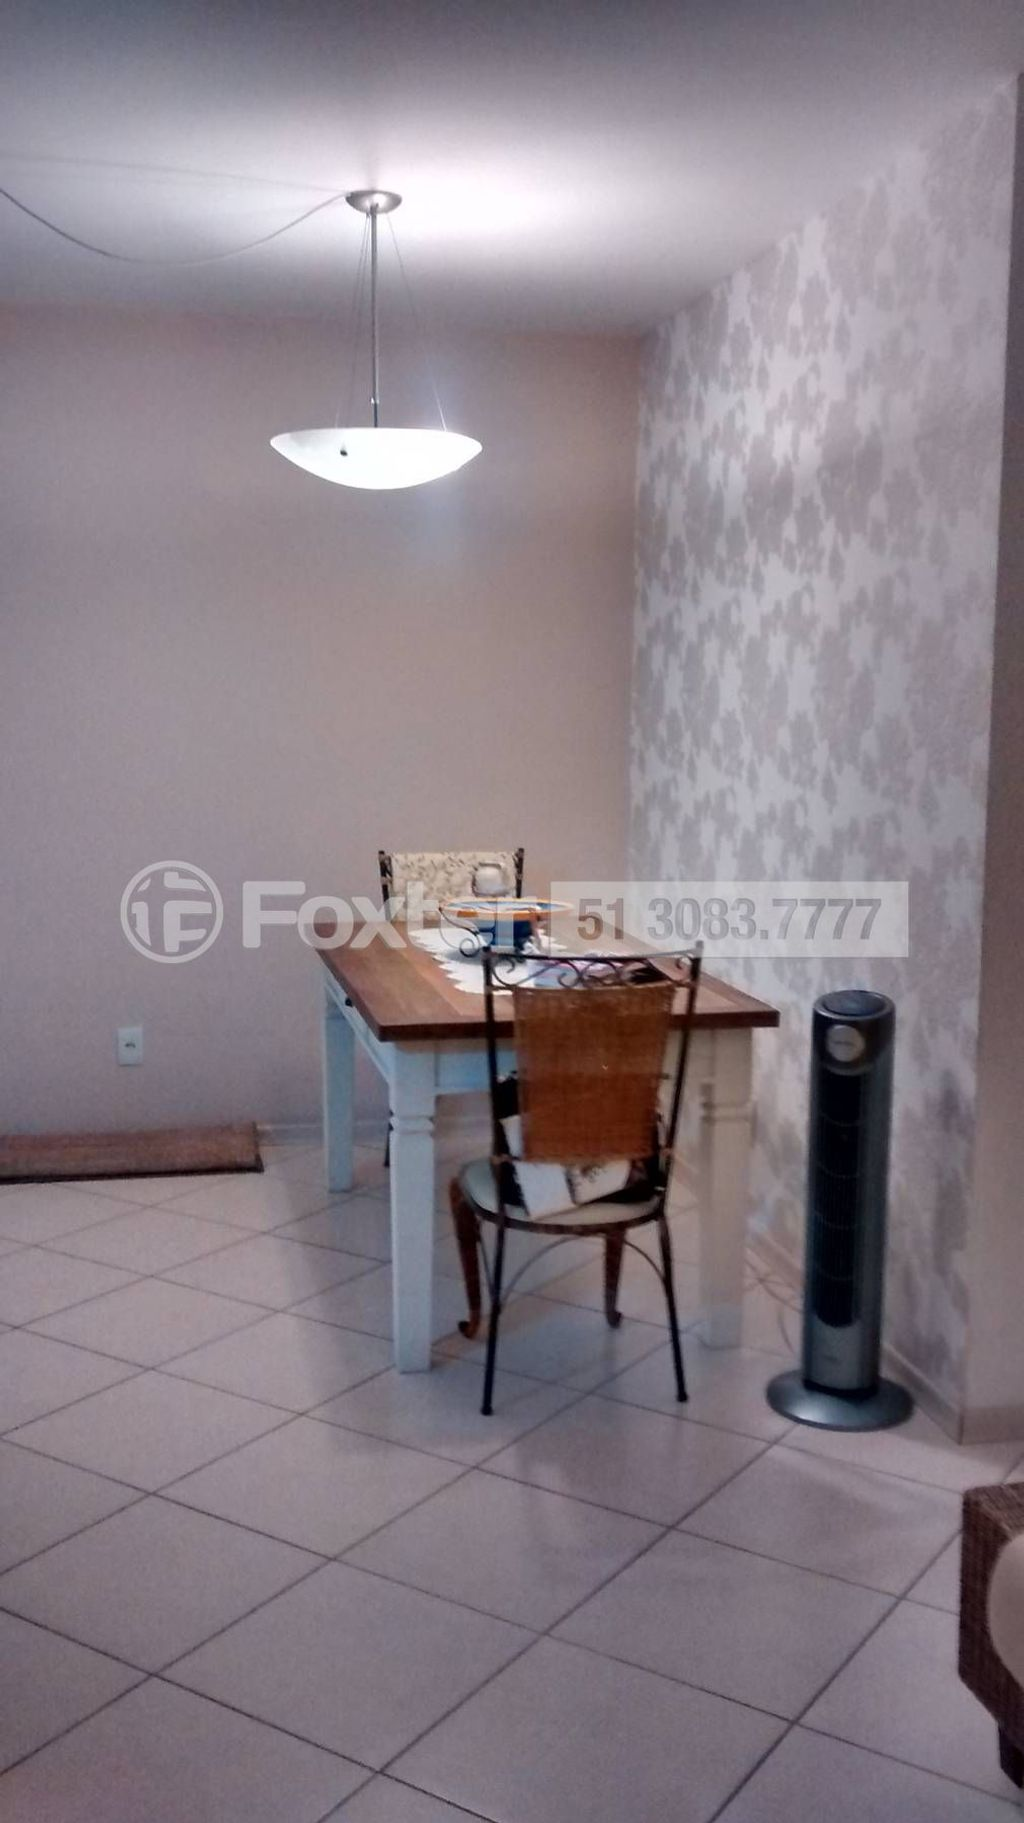 Foxter Imobiliária - Apto 3 Dorm, Cristal (124357) - Foto 4